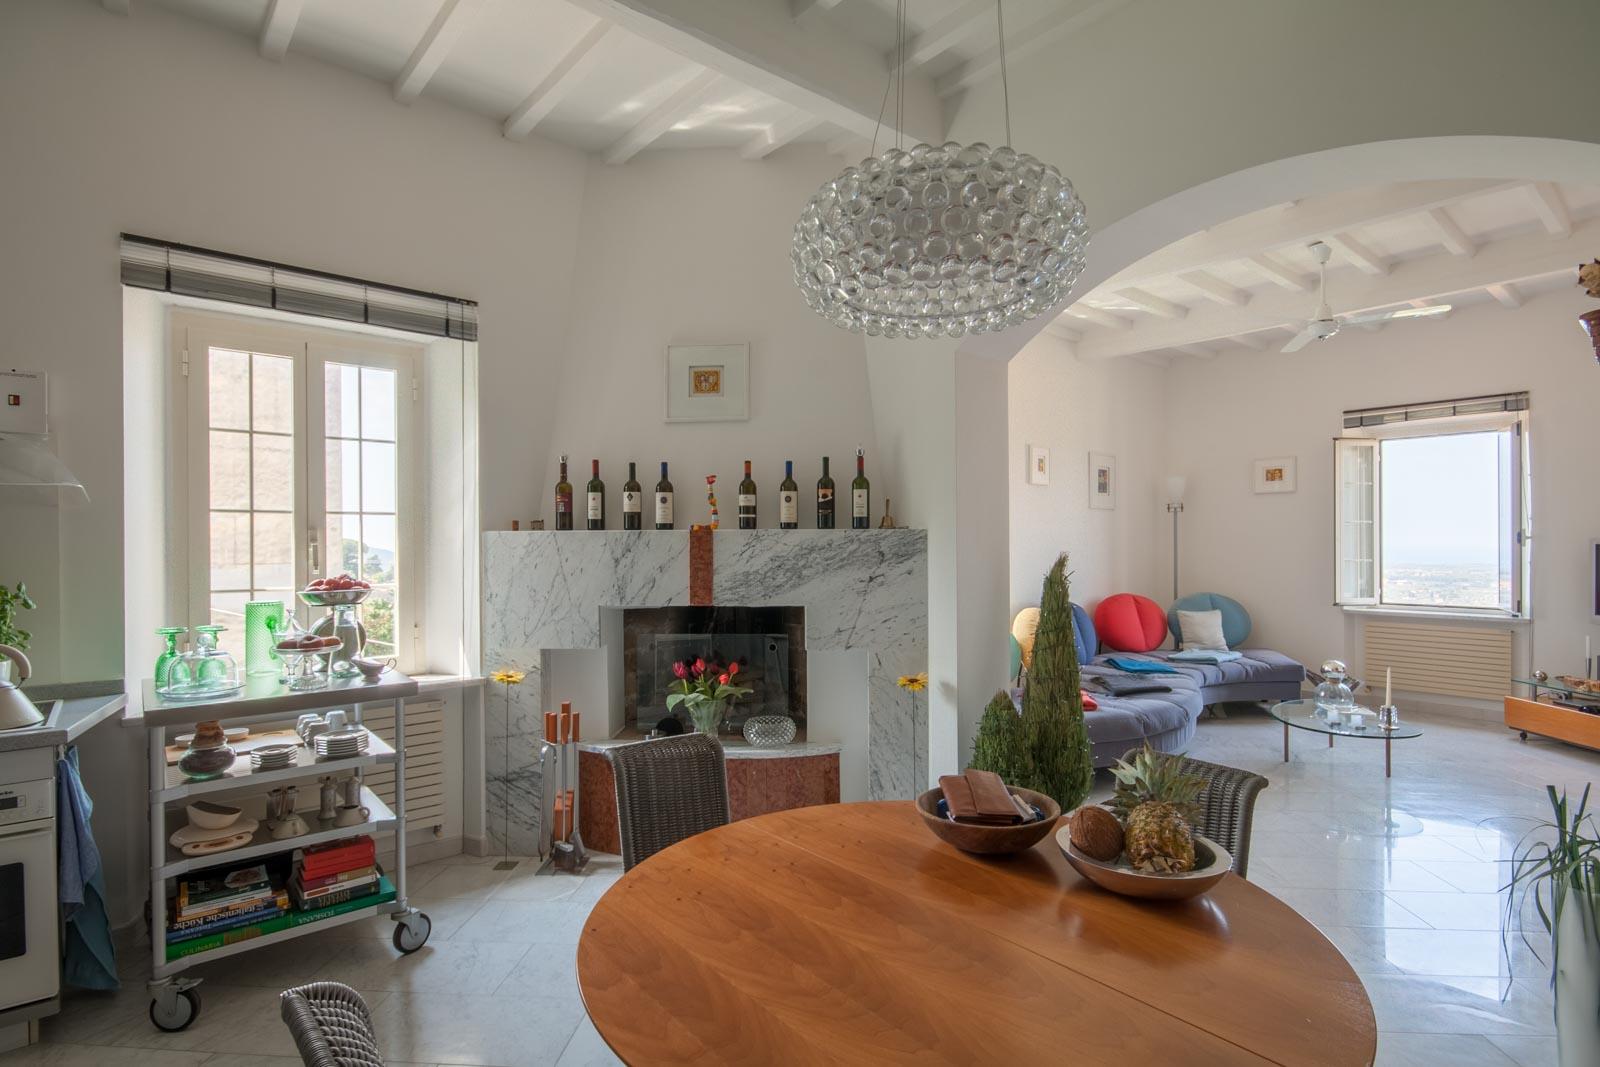 Das lichtdurchflutete Apartment zu verkaufen mit Meerblick, Garten und Parkplatz in Castagneto Carducci an der toskanischen Küste